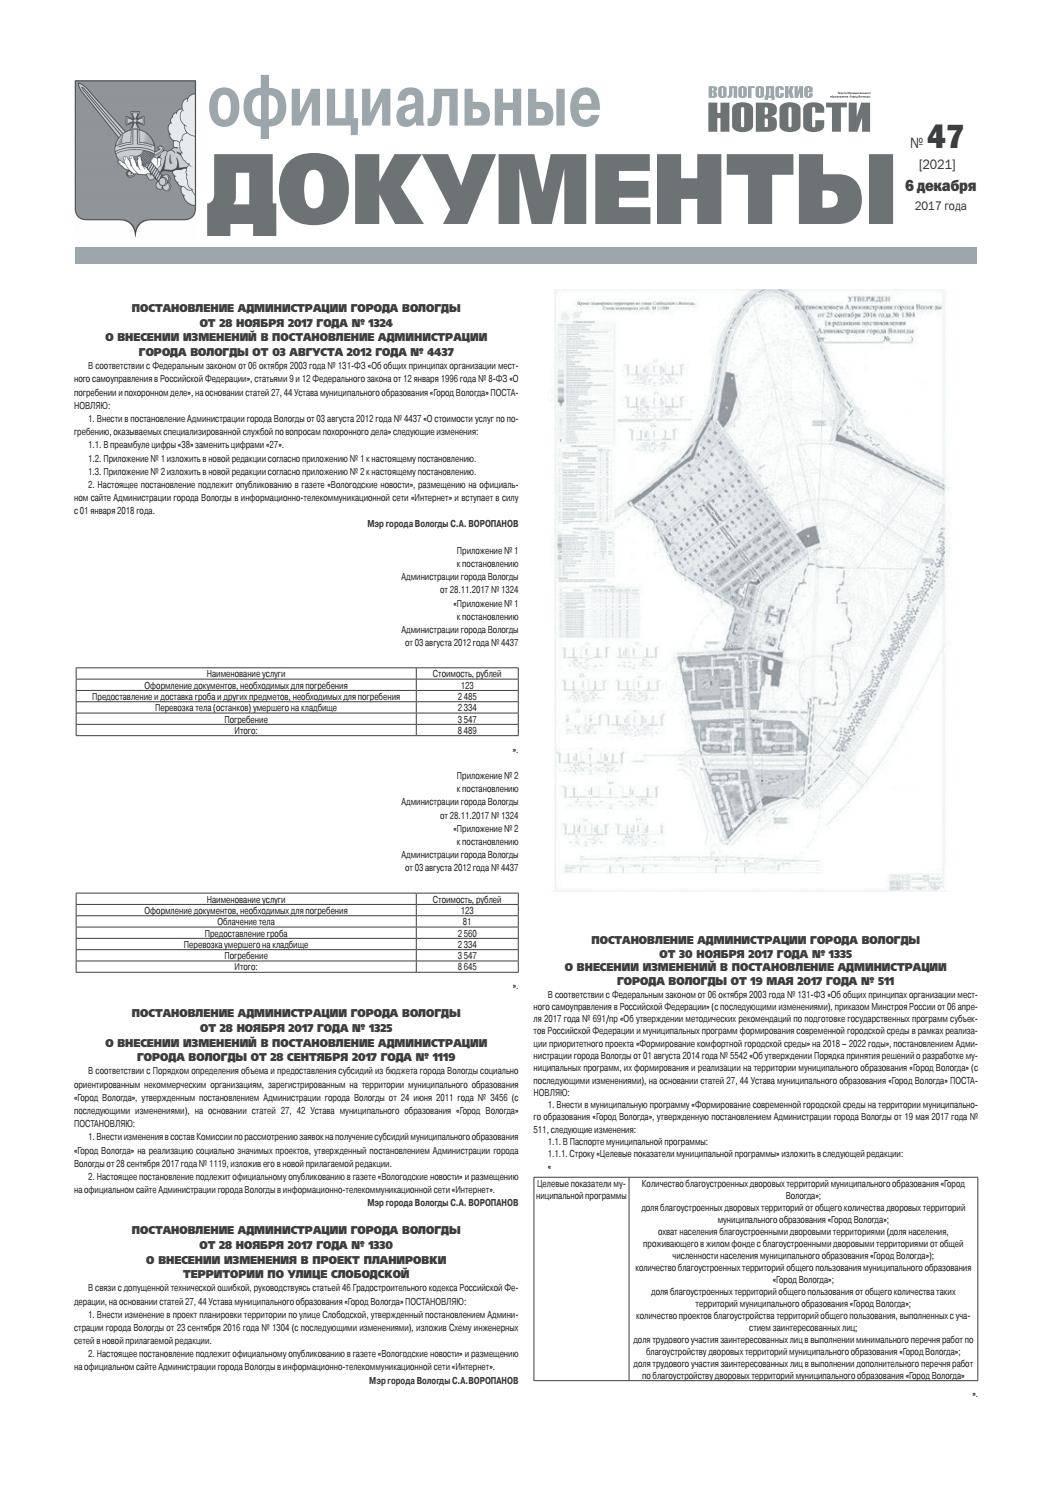 Анализ нормативных документов определяющих порядок межевания земельного участка